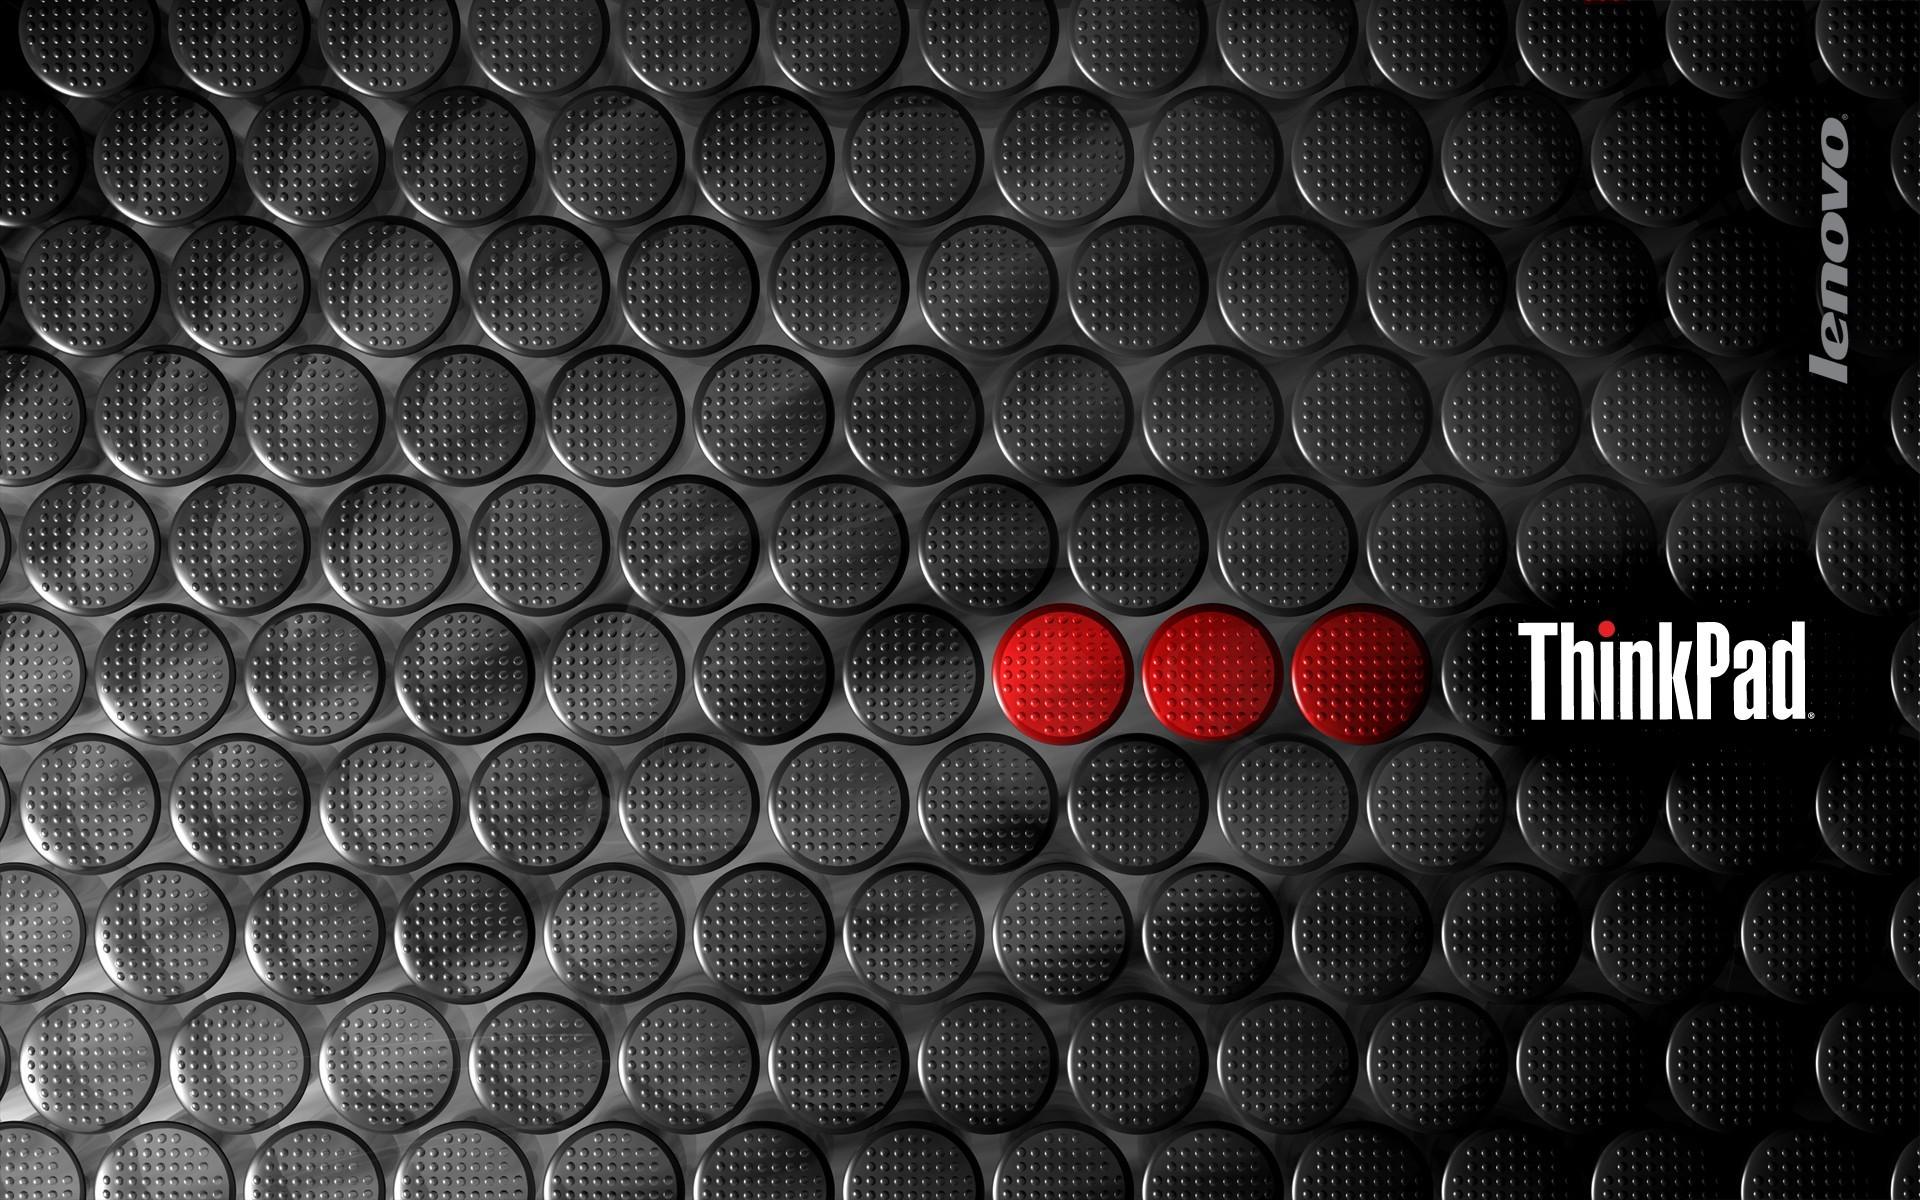 Ibm Thinkpad Lenovo Think Wallpaper Art Hd Wallpaper | HD .